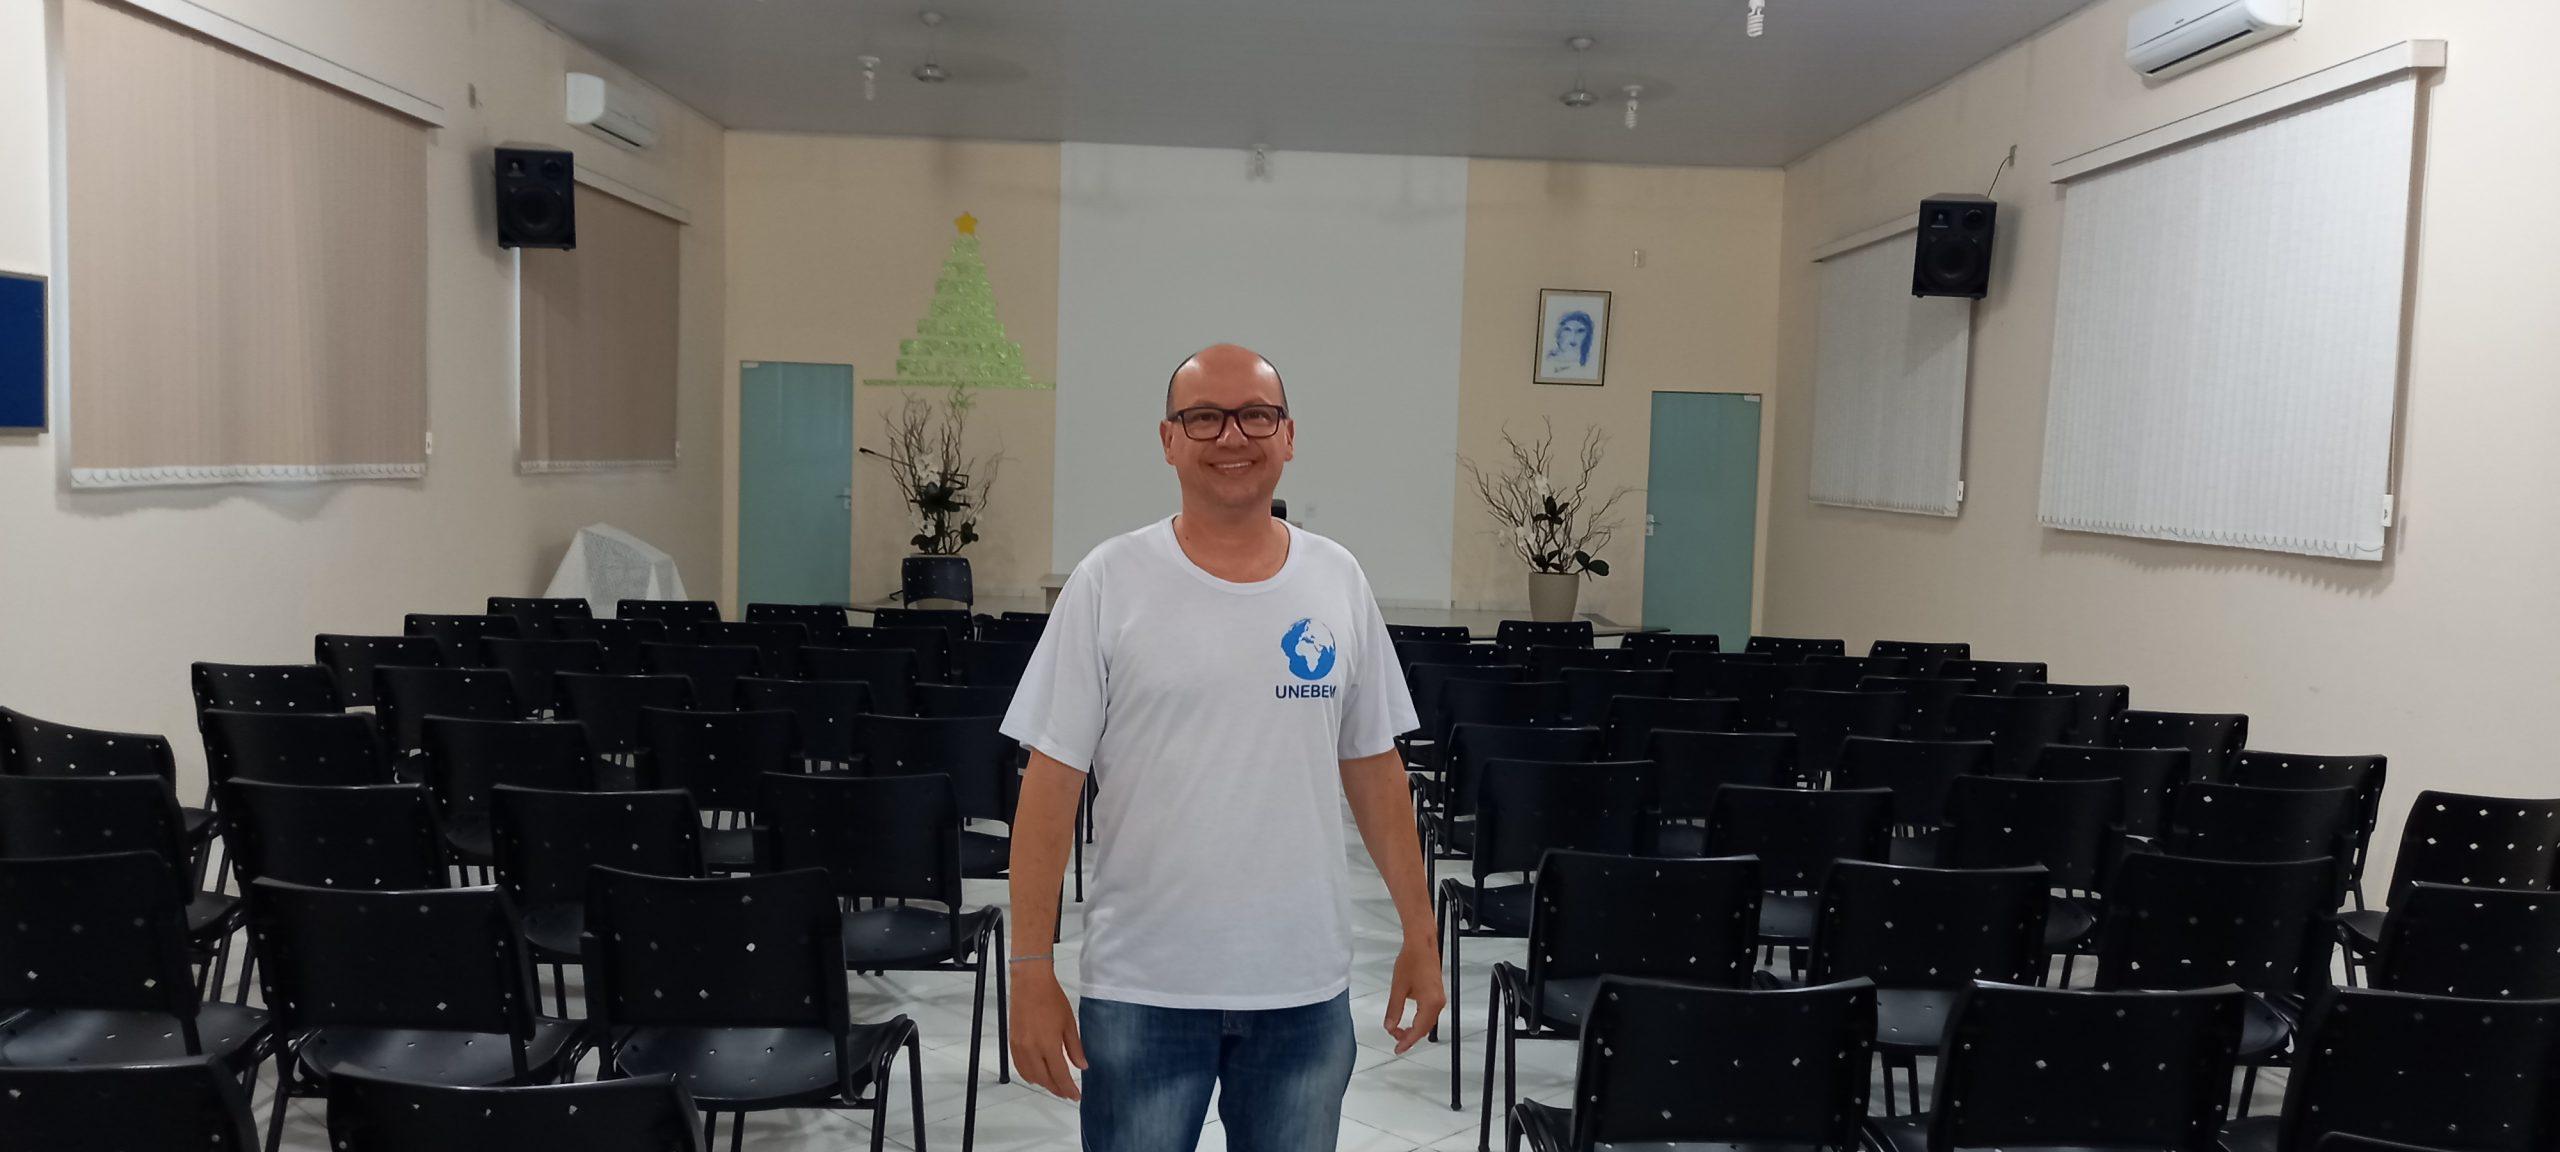 'Tive experiências transformadoras que me trouxeram para o Centro', lembra Rogerio Bezerra, presidente do Unebem